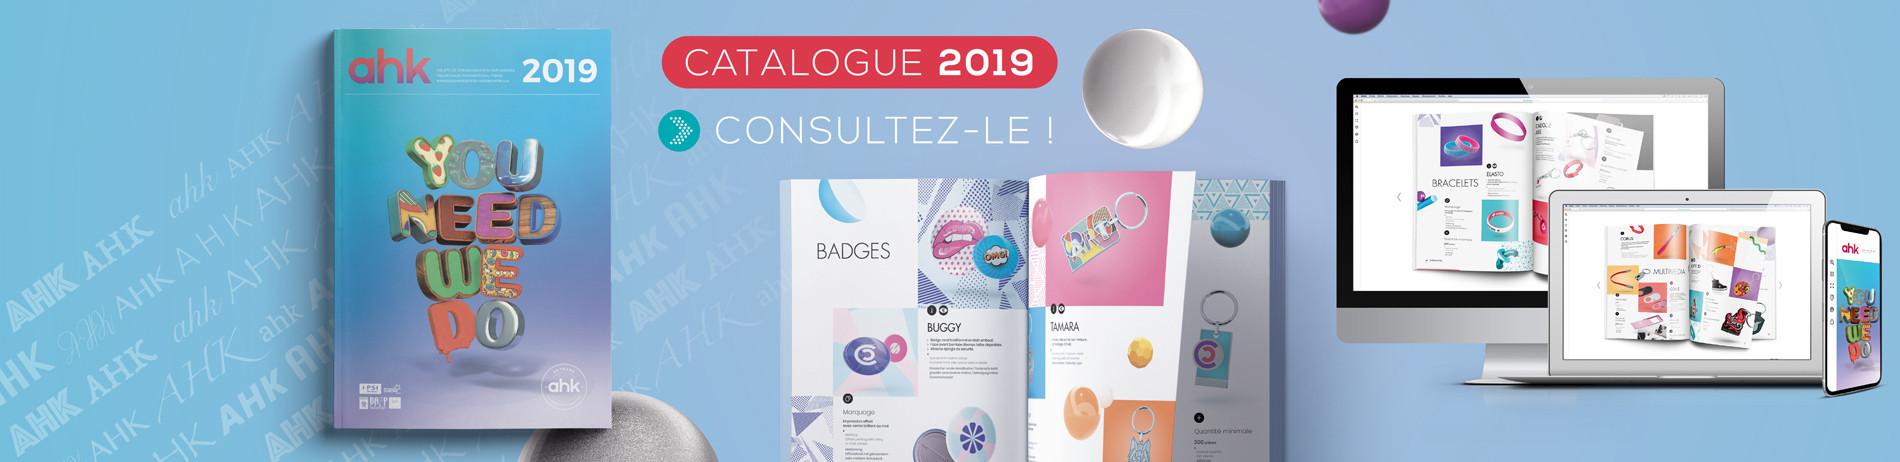 Catalogue 2019 - Consultez-le !